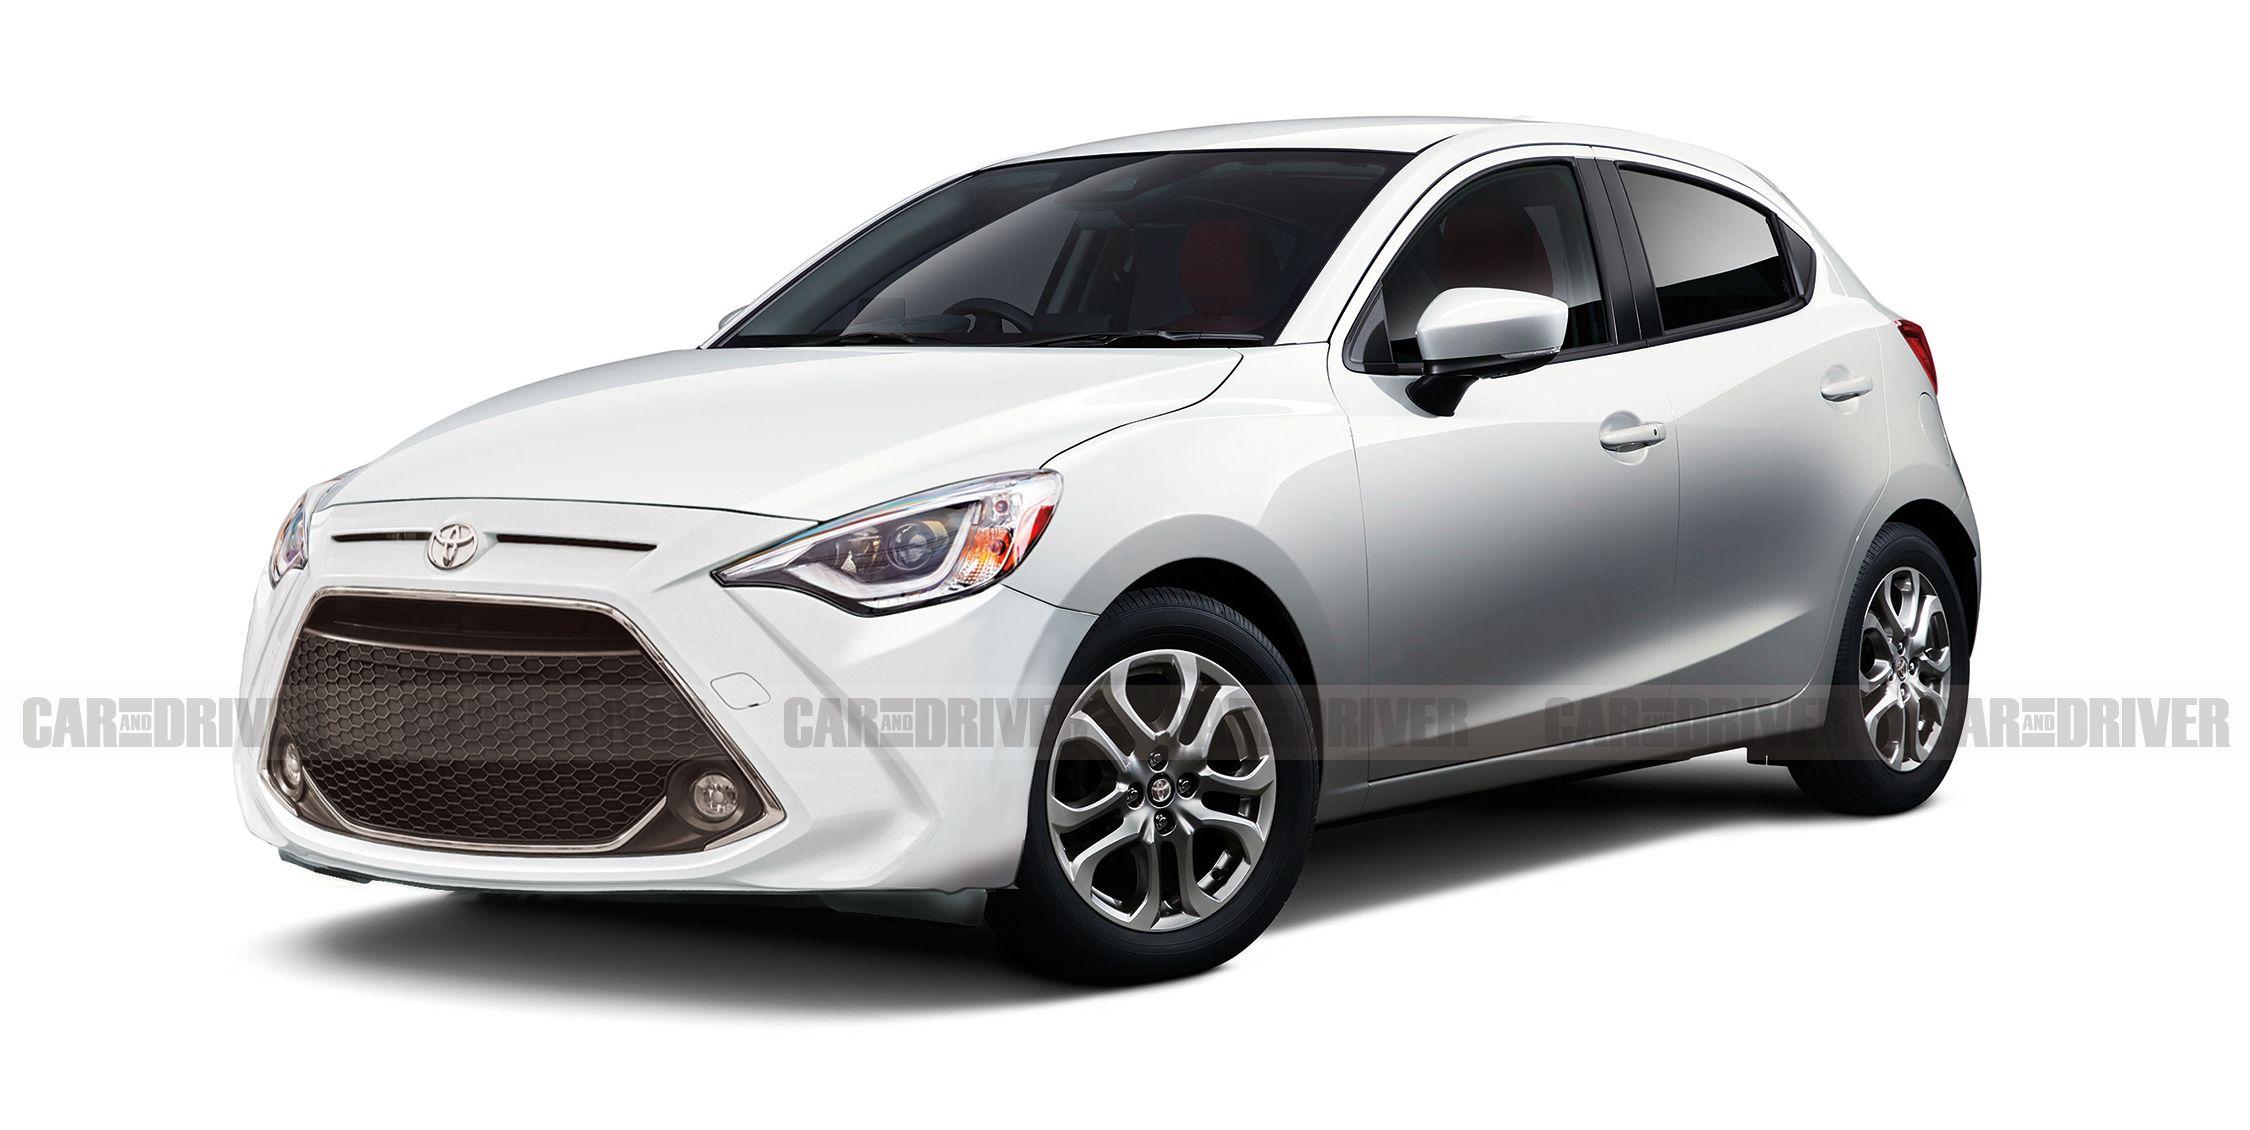 2020 Toyota Yaris Hatchback – Rebadged Mazda 2 to Join Sedan